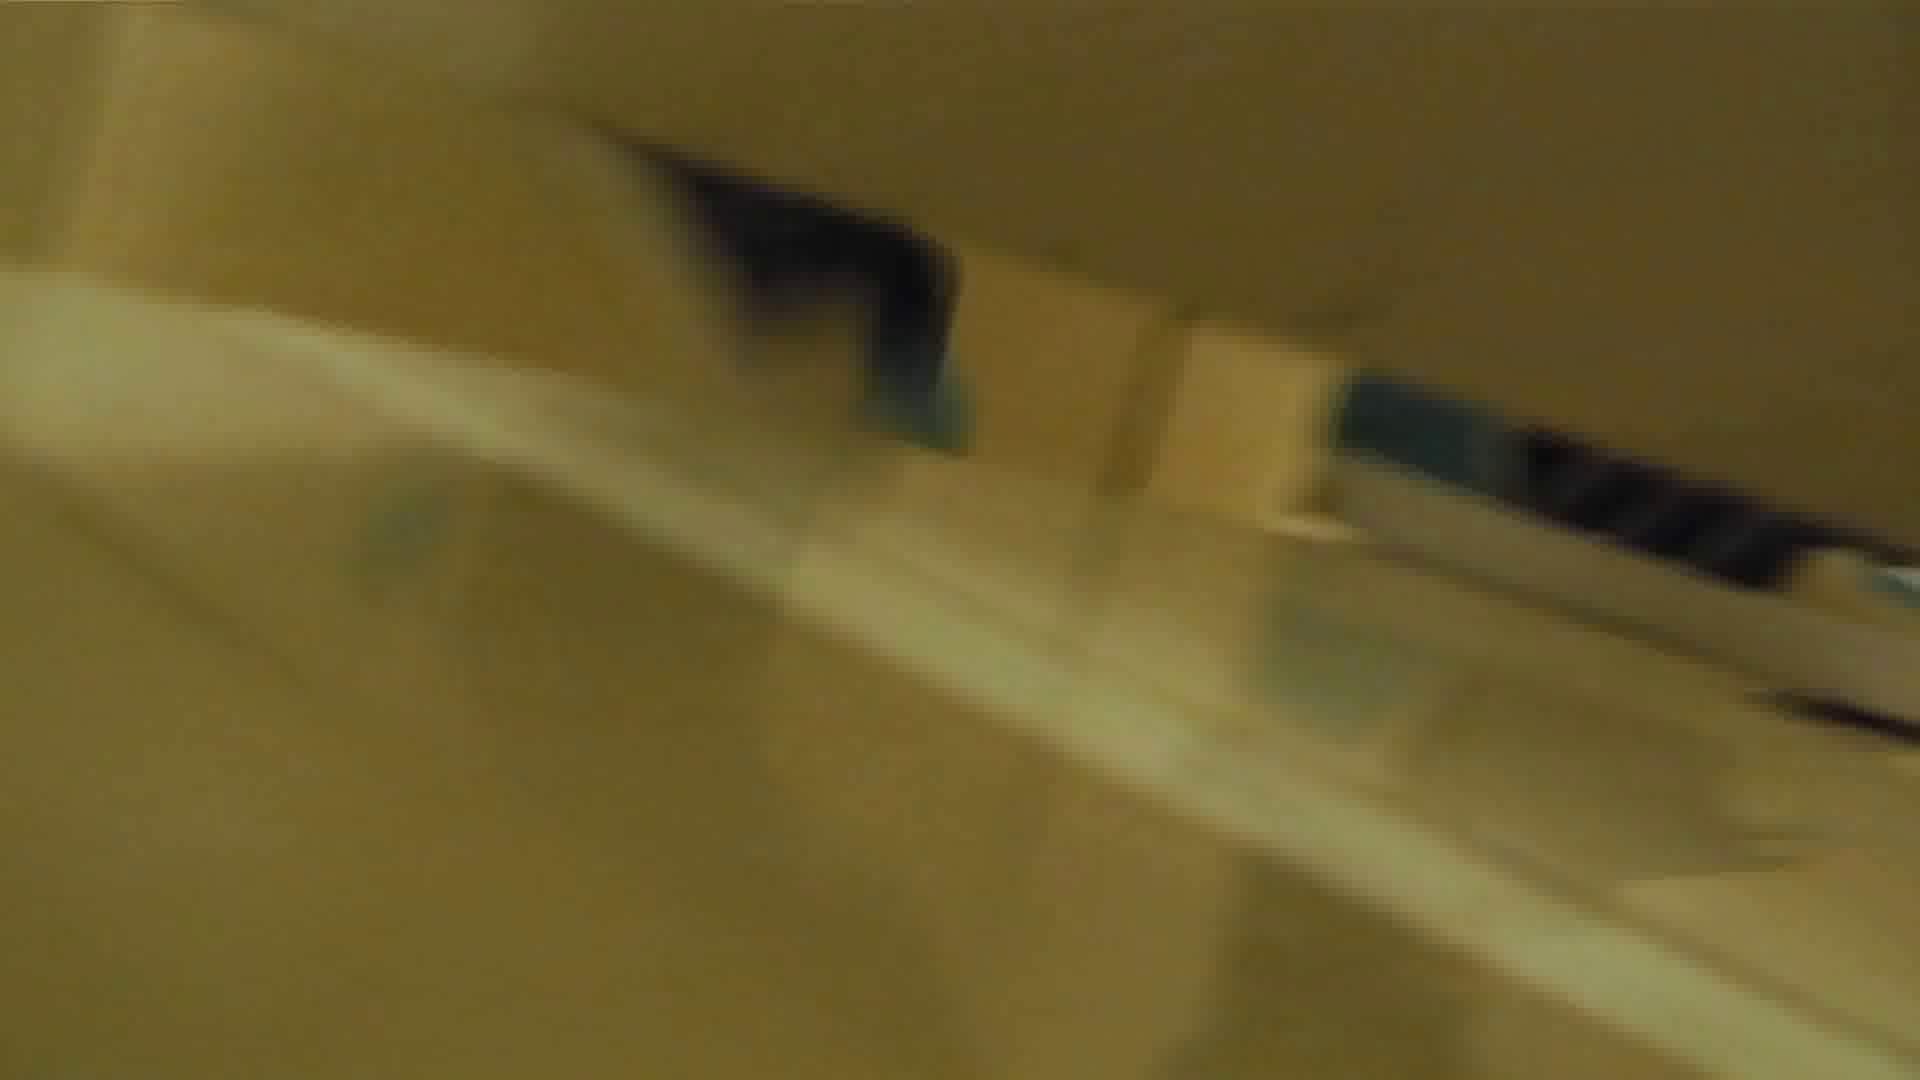 世界の射窓から vol.42 可愛い顔して実は惨事な件 洗面所  107画像 20